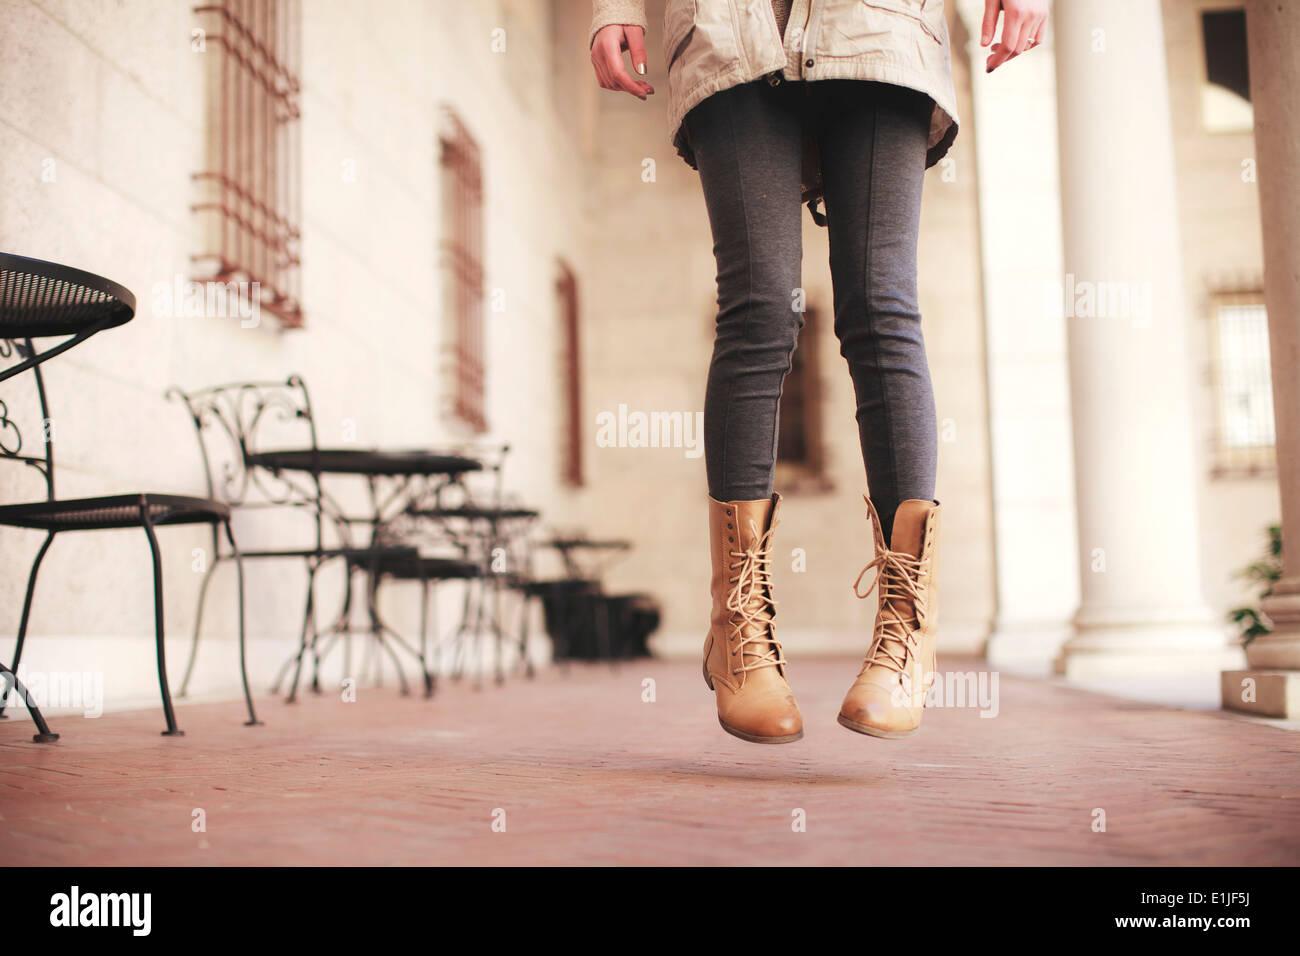 Joven de cintura para abajo saltando junto al café en la acera Imagen De Stock